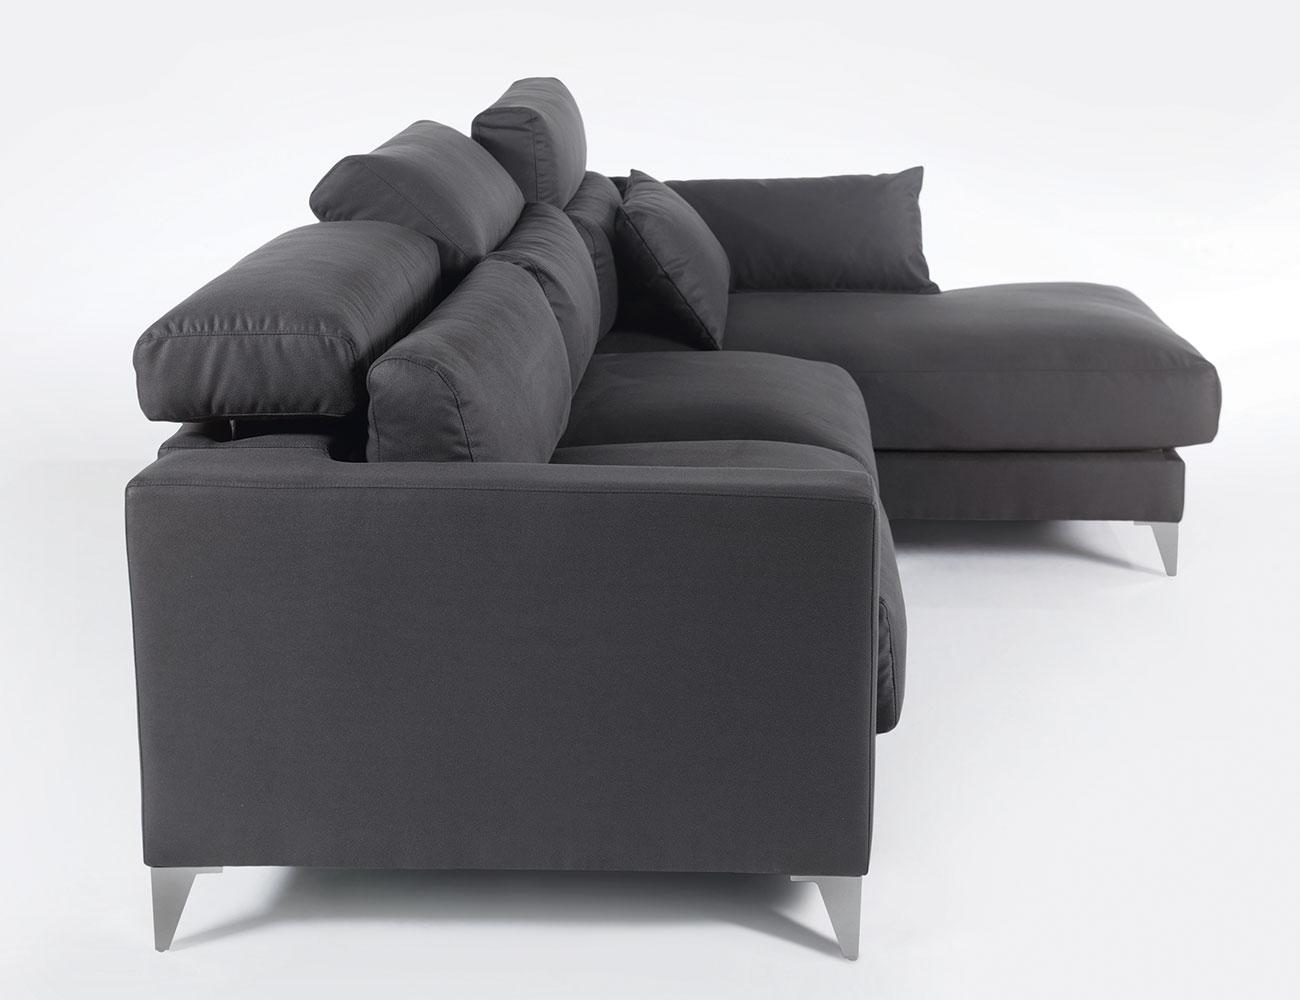 Sofa chaiselongue gran lujo decorativo grafito 128